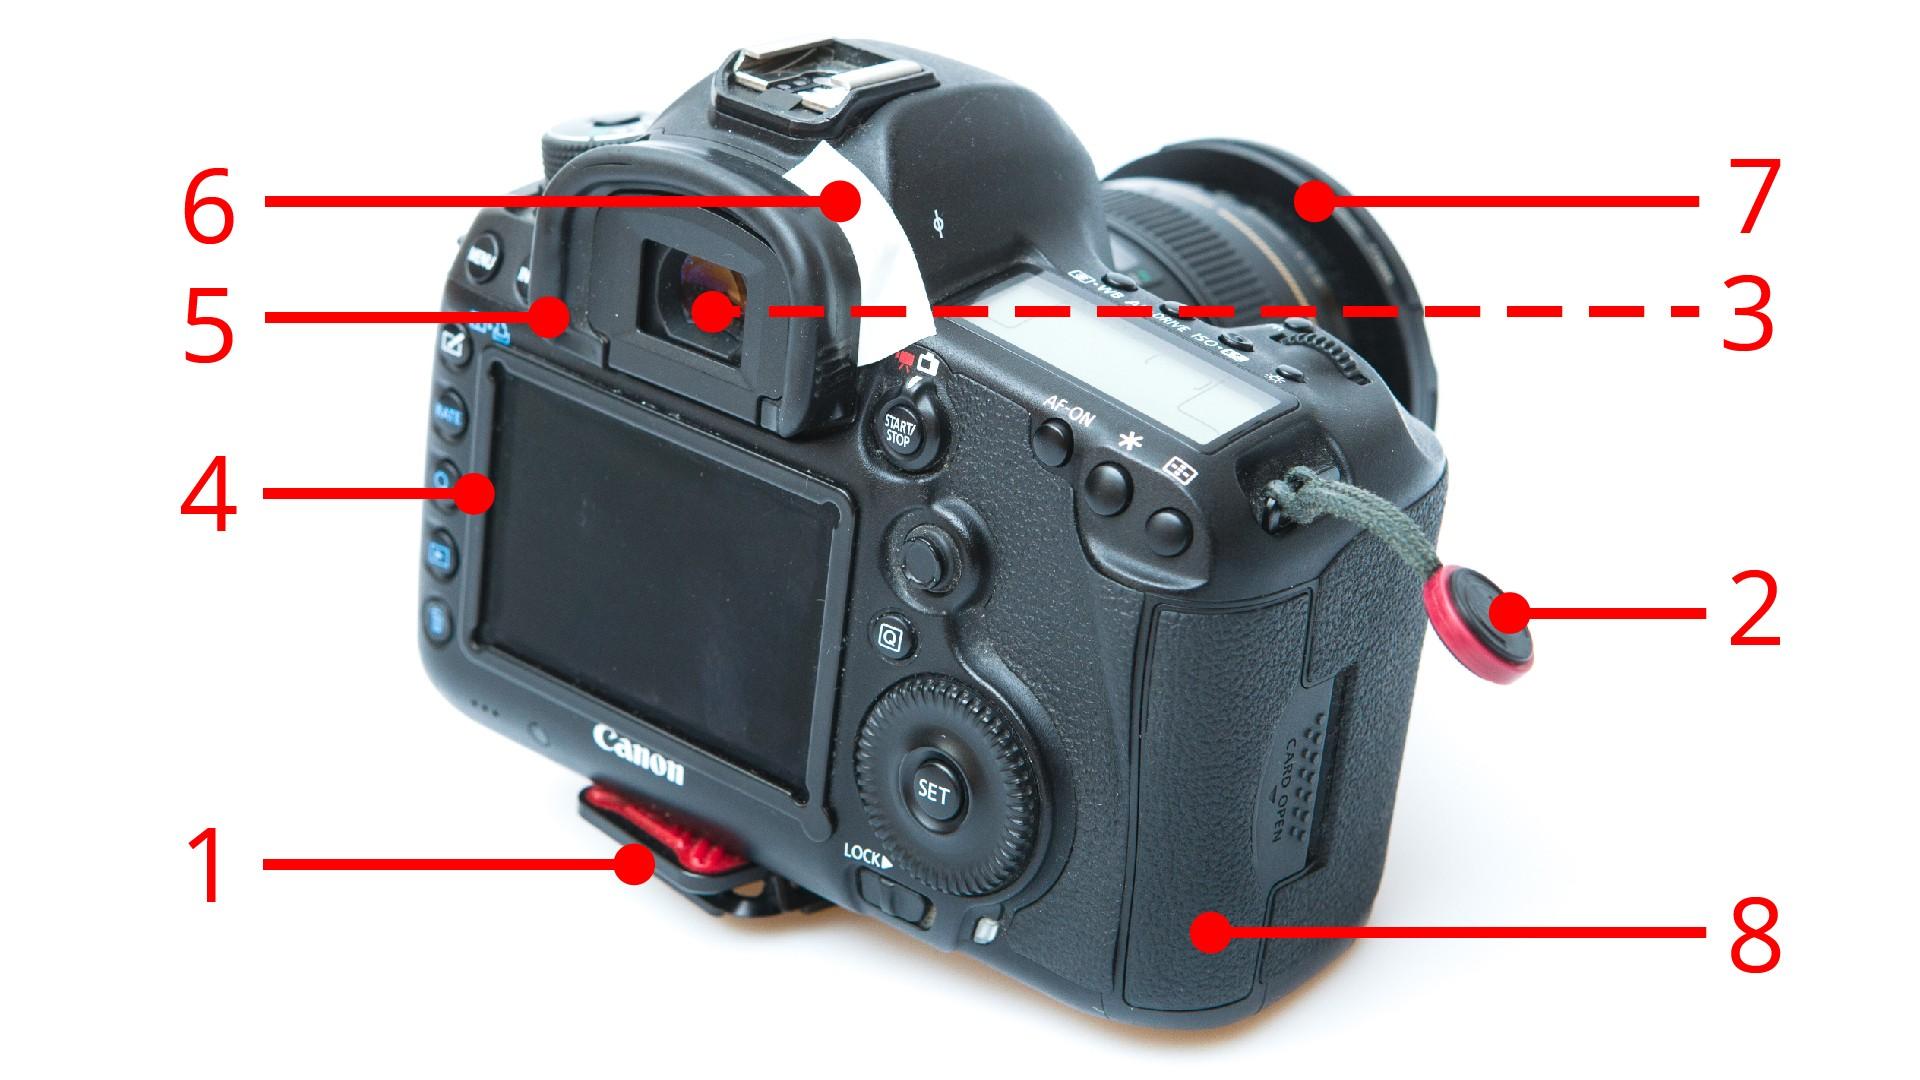 Vylepšení na mém fotoaparátu. (1) Destička na stativ, (2) Úchytka pro popruh, (3) Přesná matnice, (4) Rámeček pro hledáček na LCD, (5) Alternativní očnice, (6) Přelepené dioptrické kolečko, (7) Redukční kroužek, (8) Oprava gumového potahu